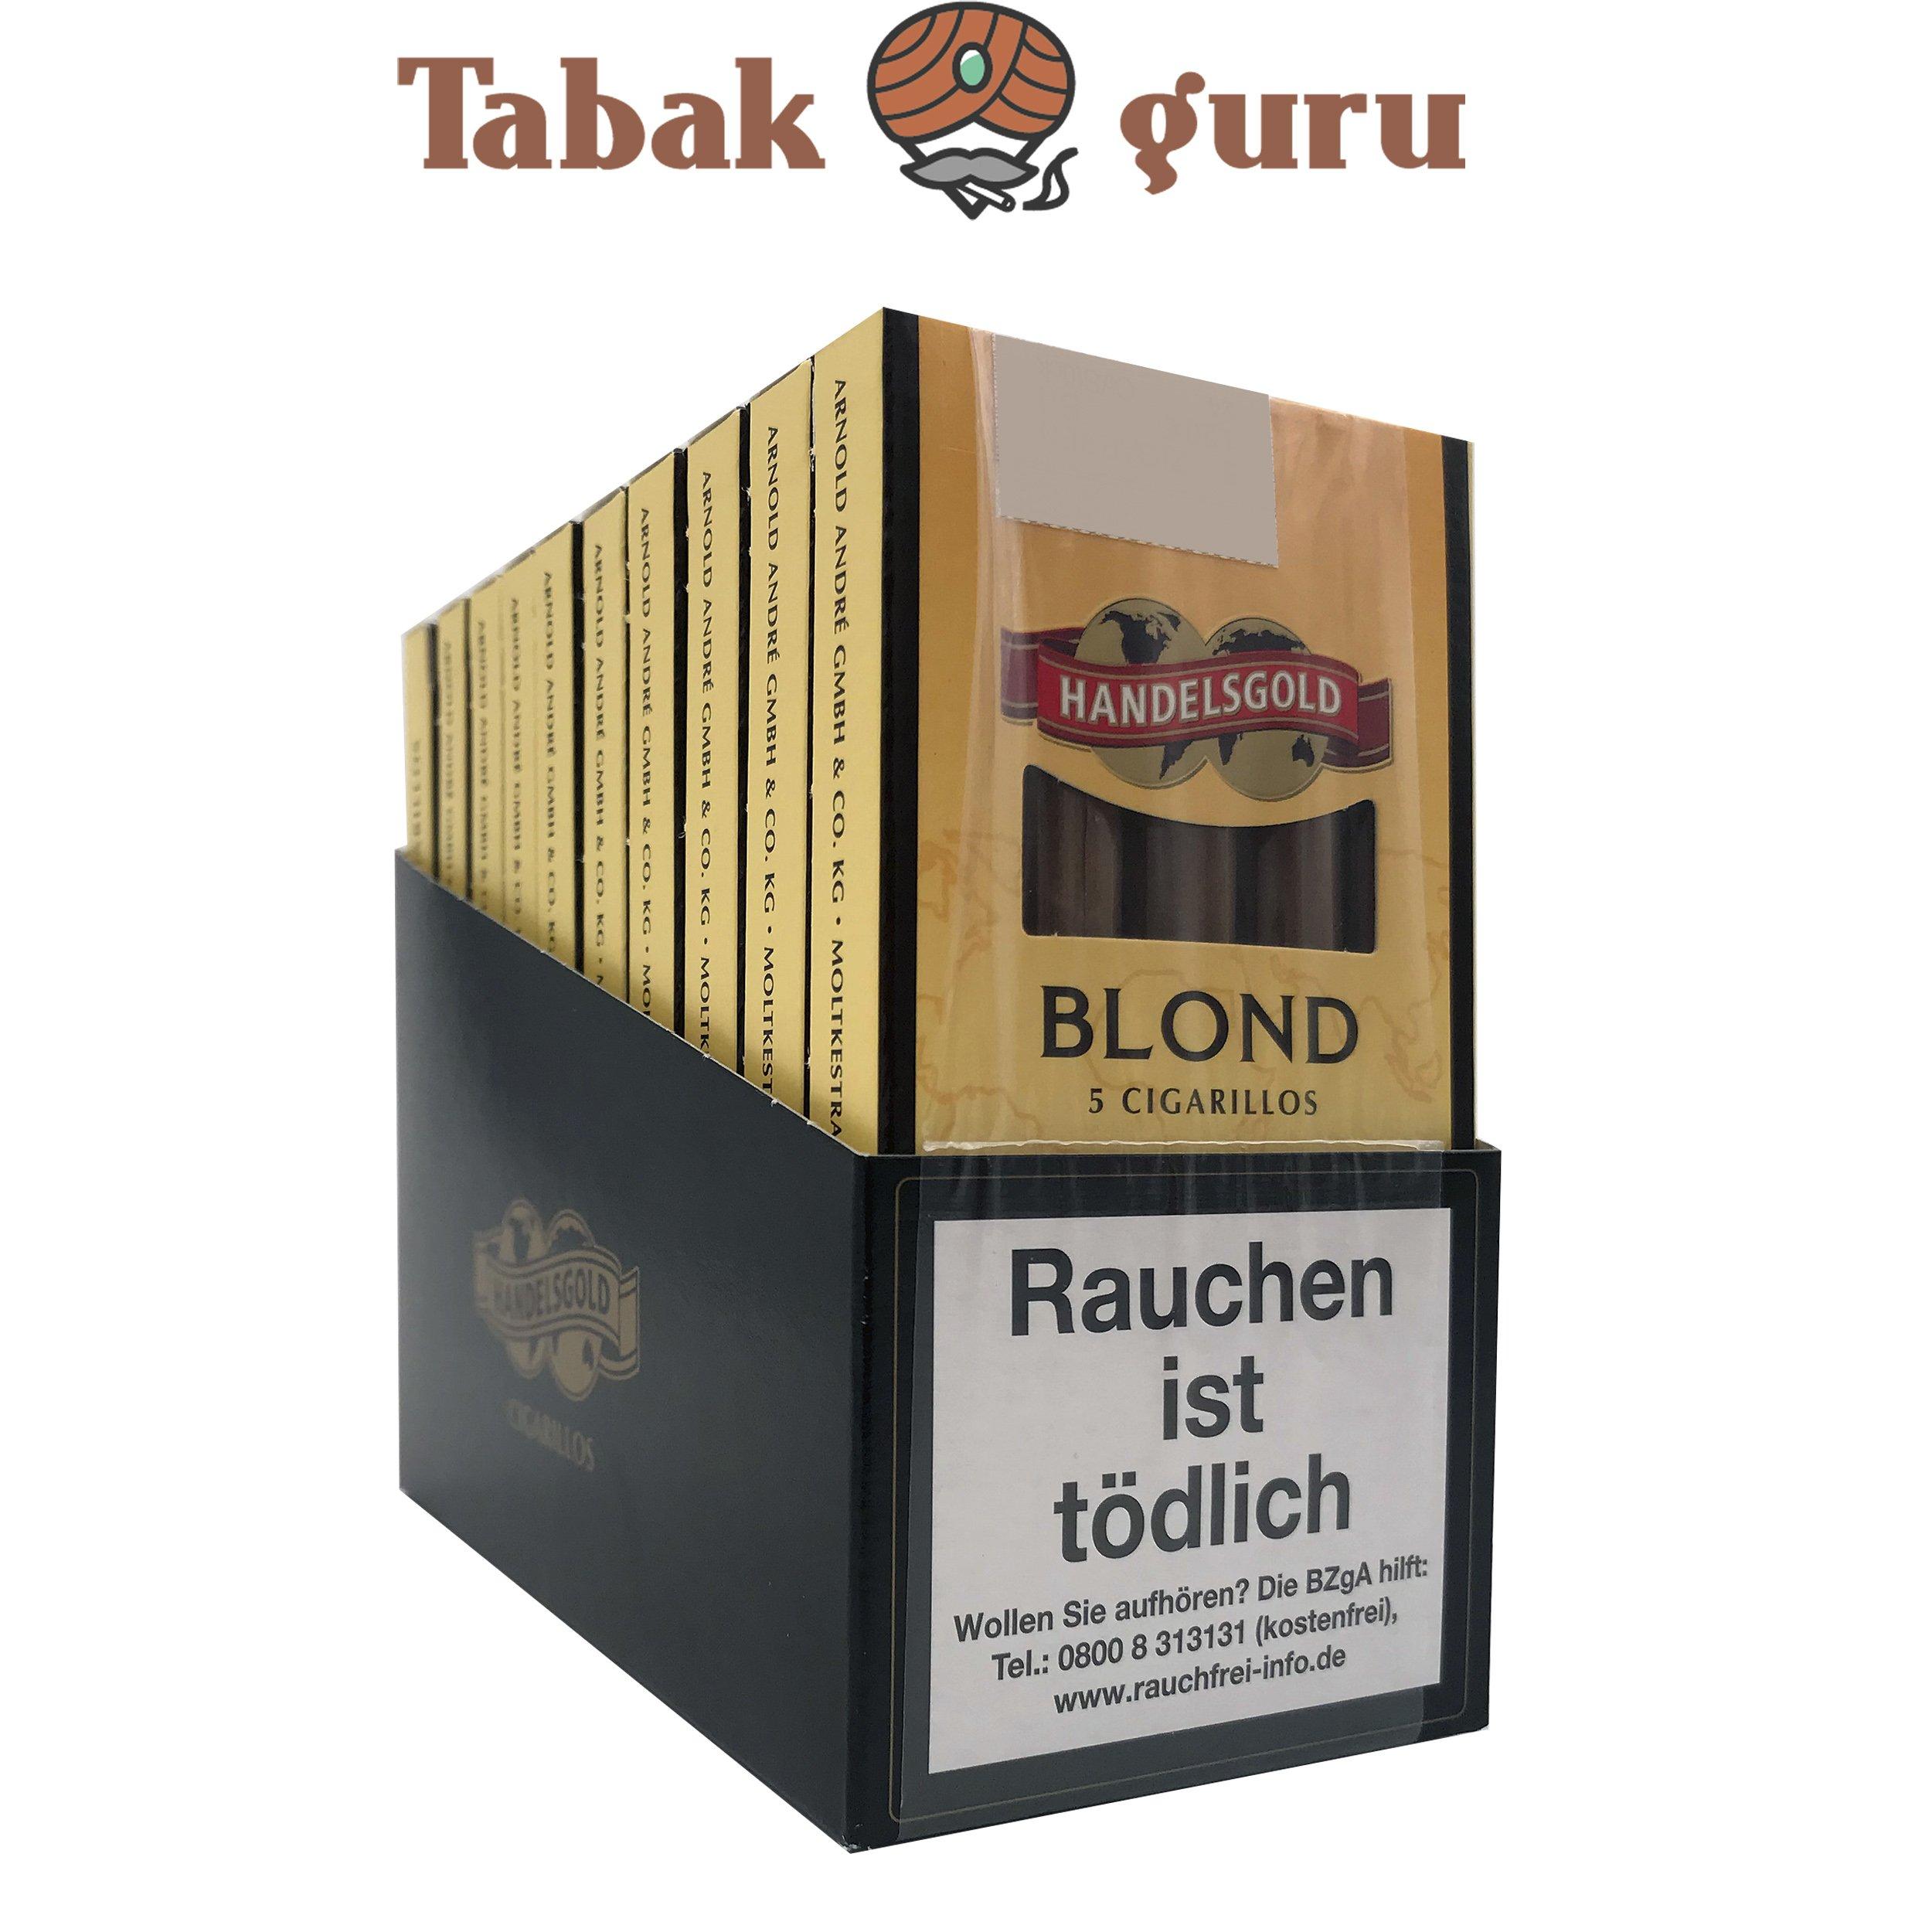 10x Handelsgold No. 211 Blond Filterzigarillos à 5 Stück